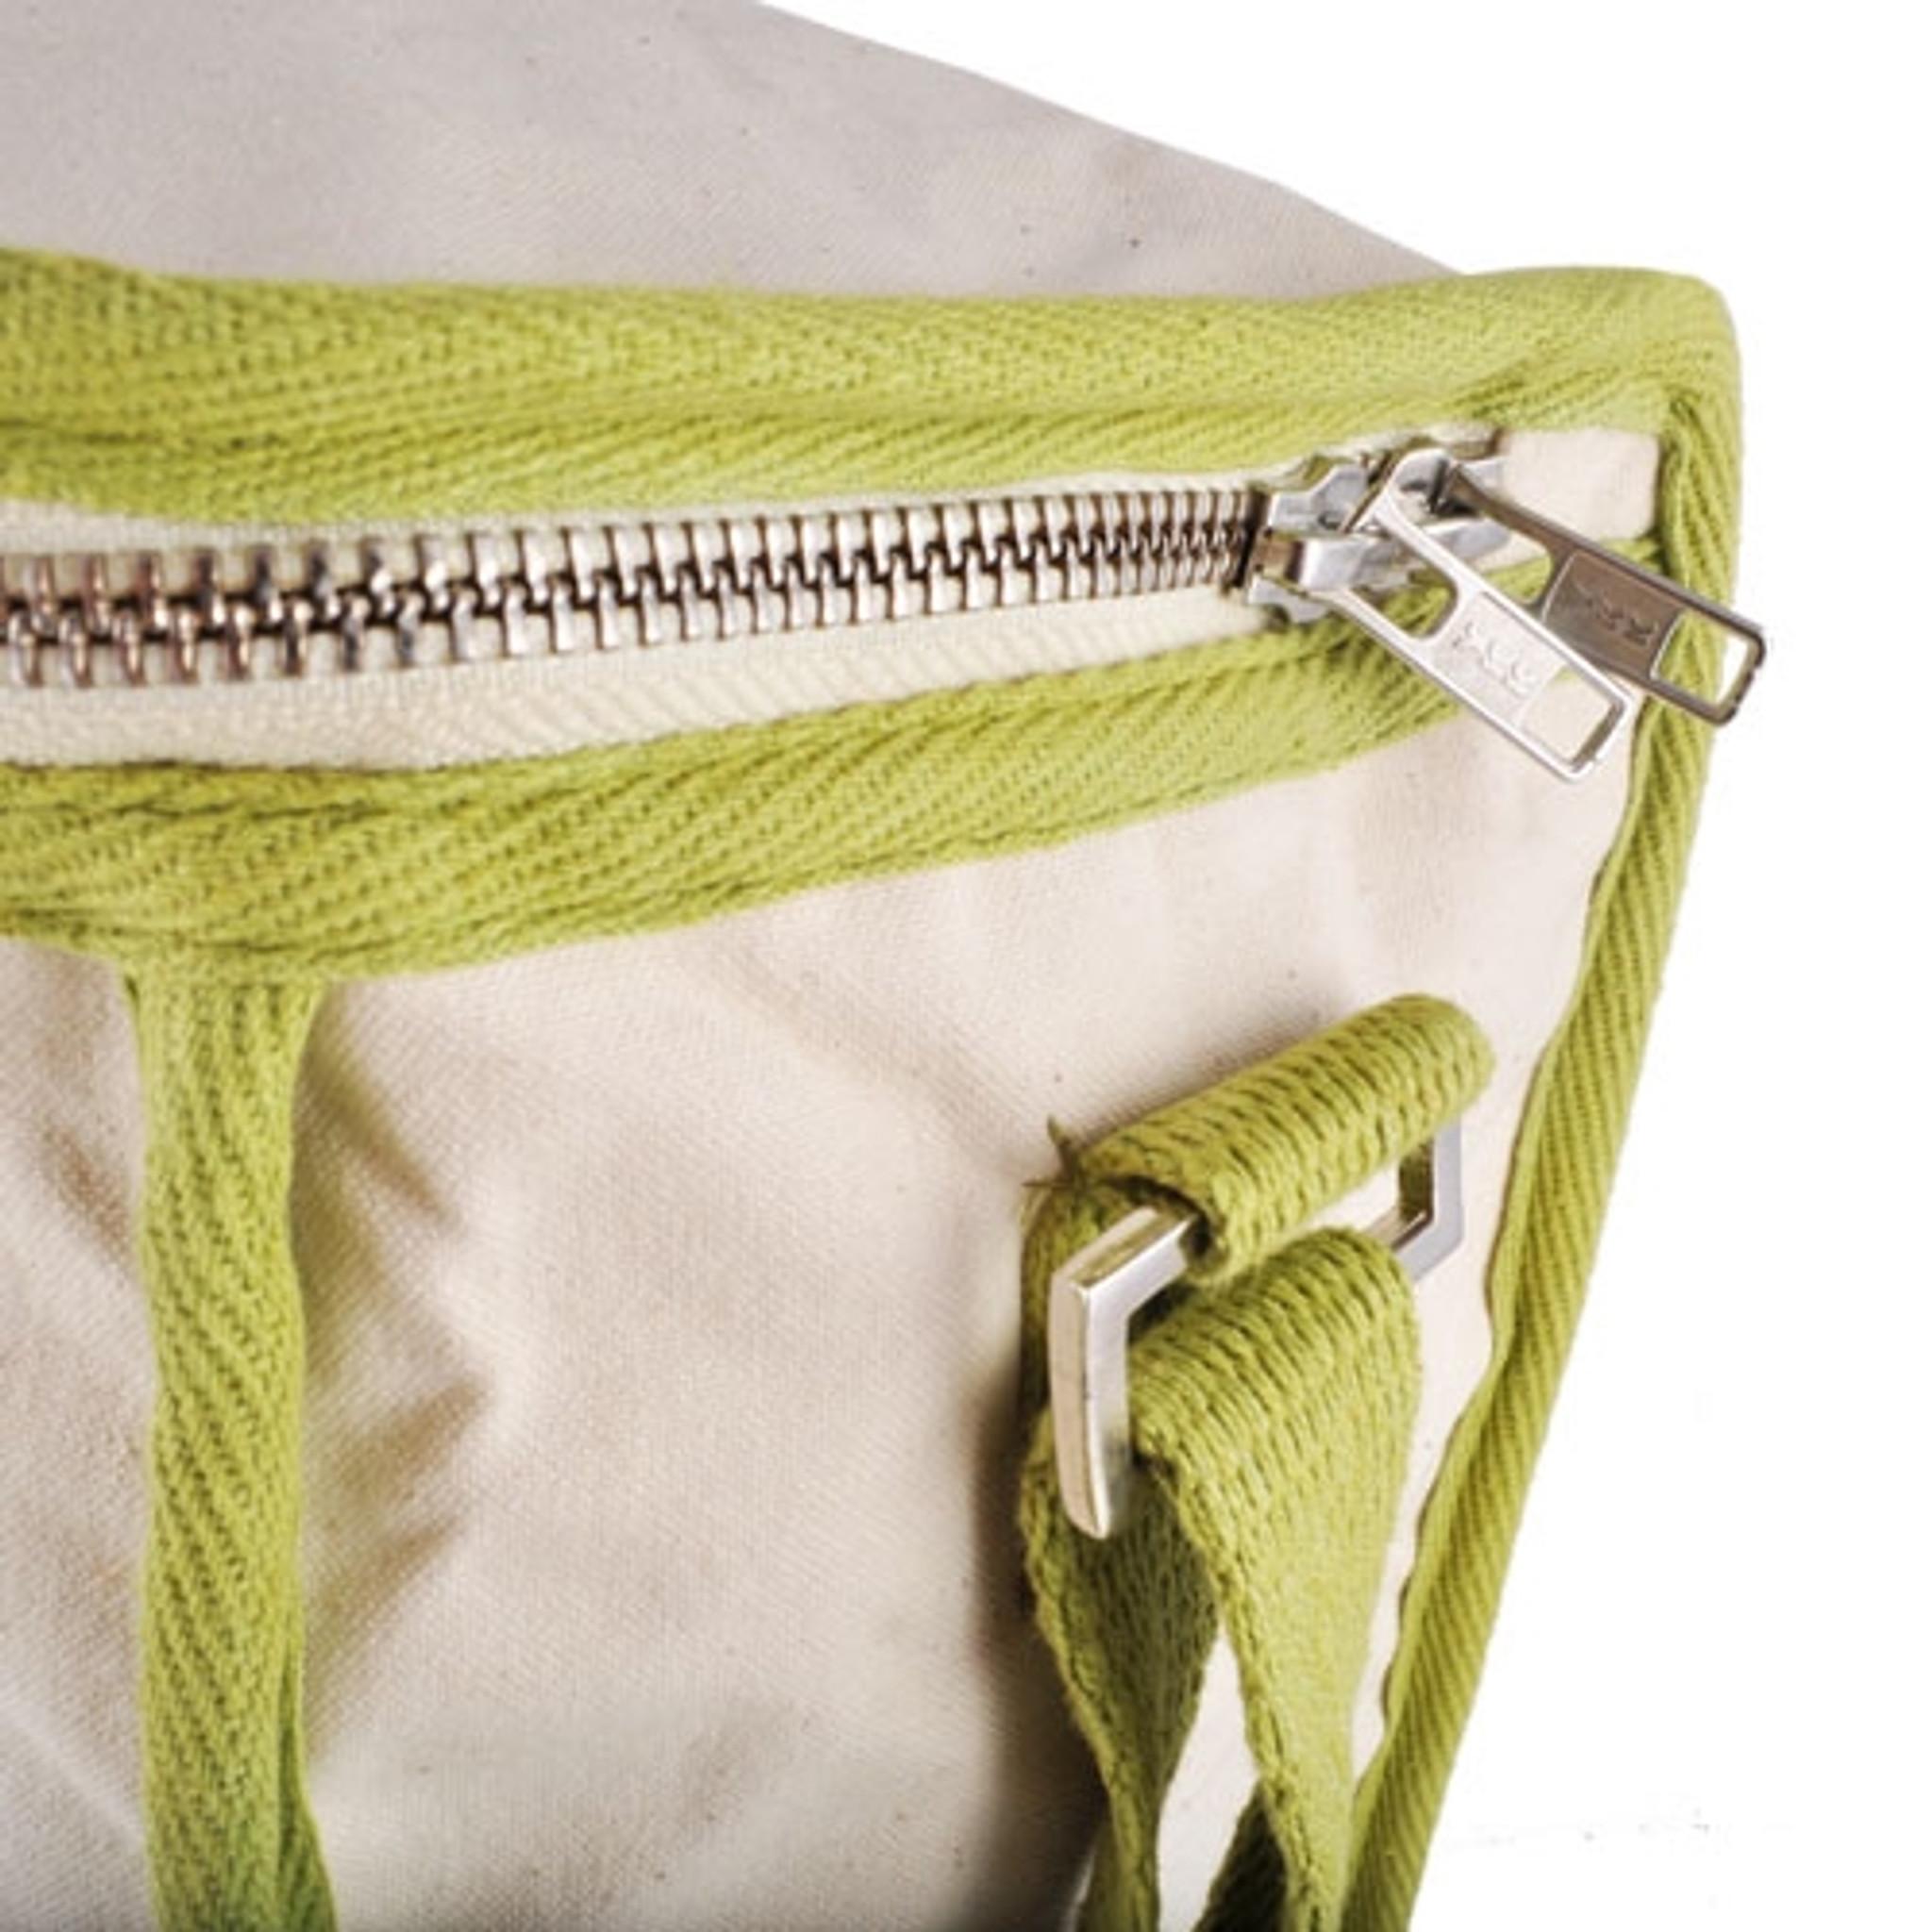 Laundry Bag Jou Eco Cotton Bag 02 Bulk Bag